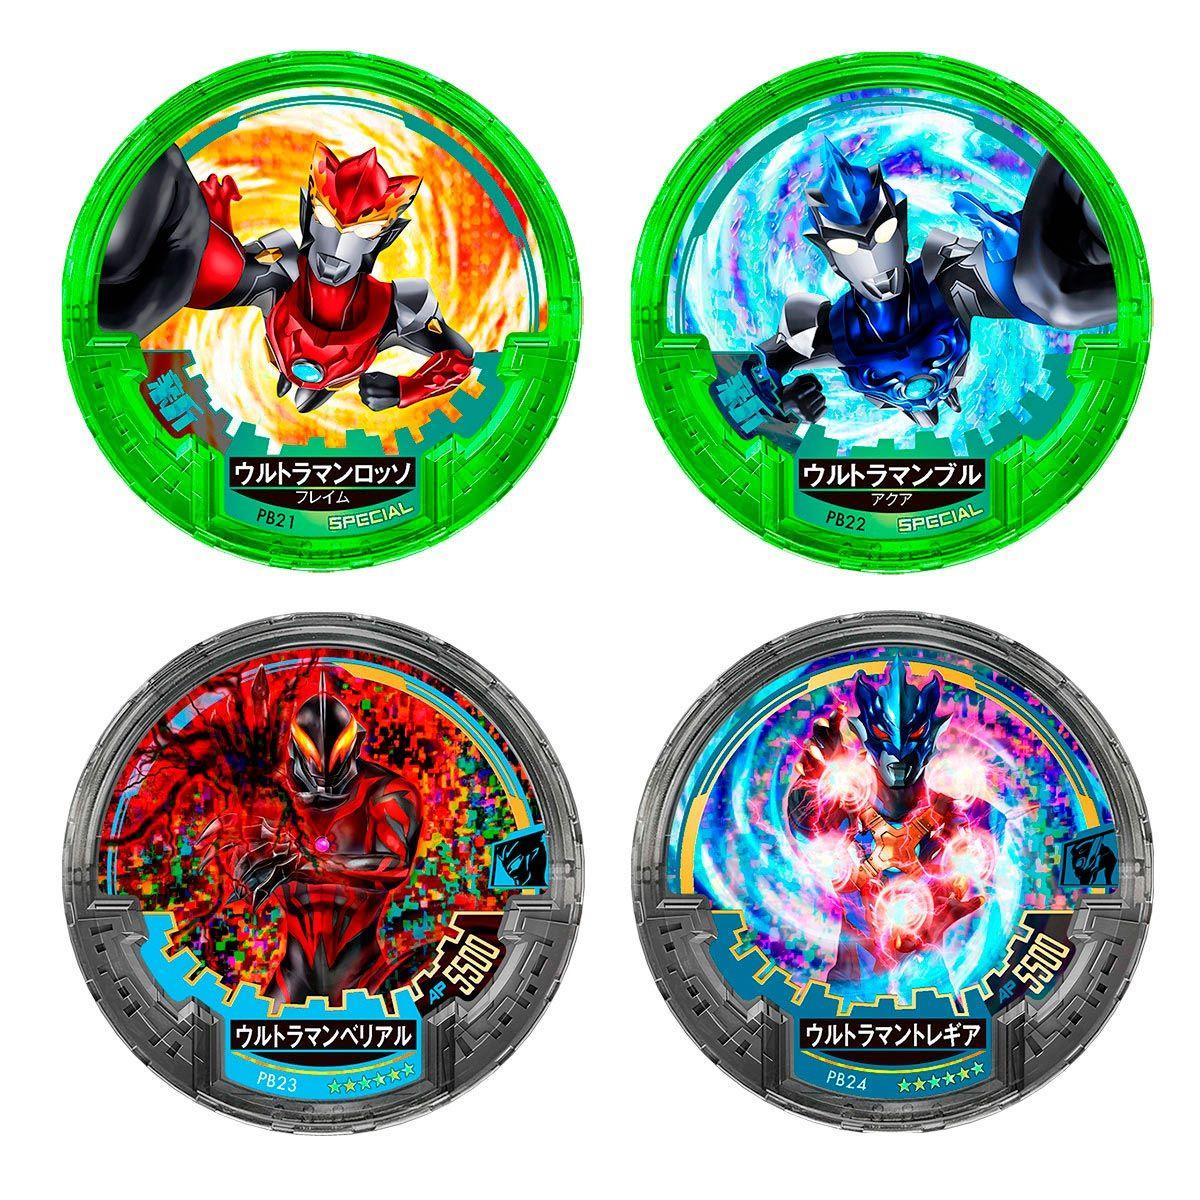 【限定販売】ウルトラマン『アバレンボウル オフィシャルメダルホルダー』ガシャポン-003